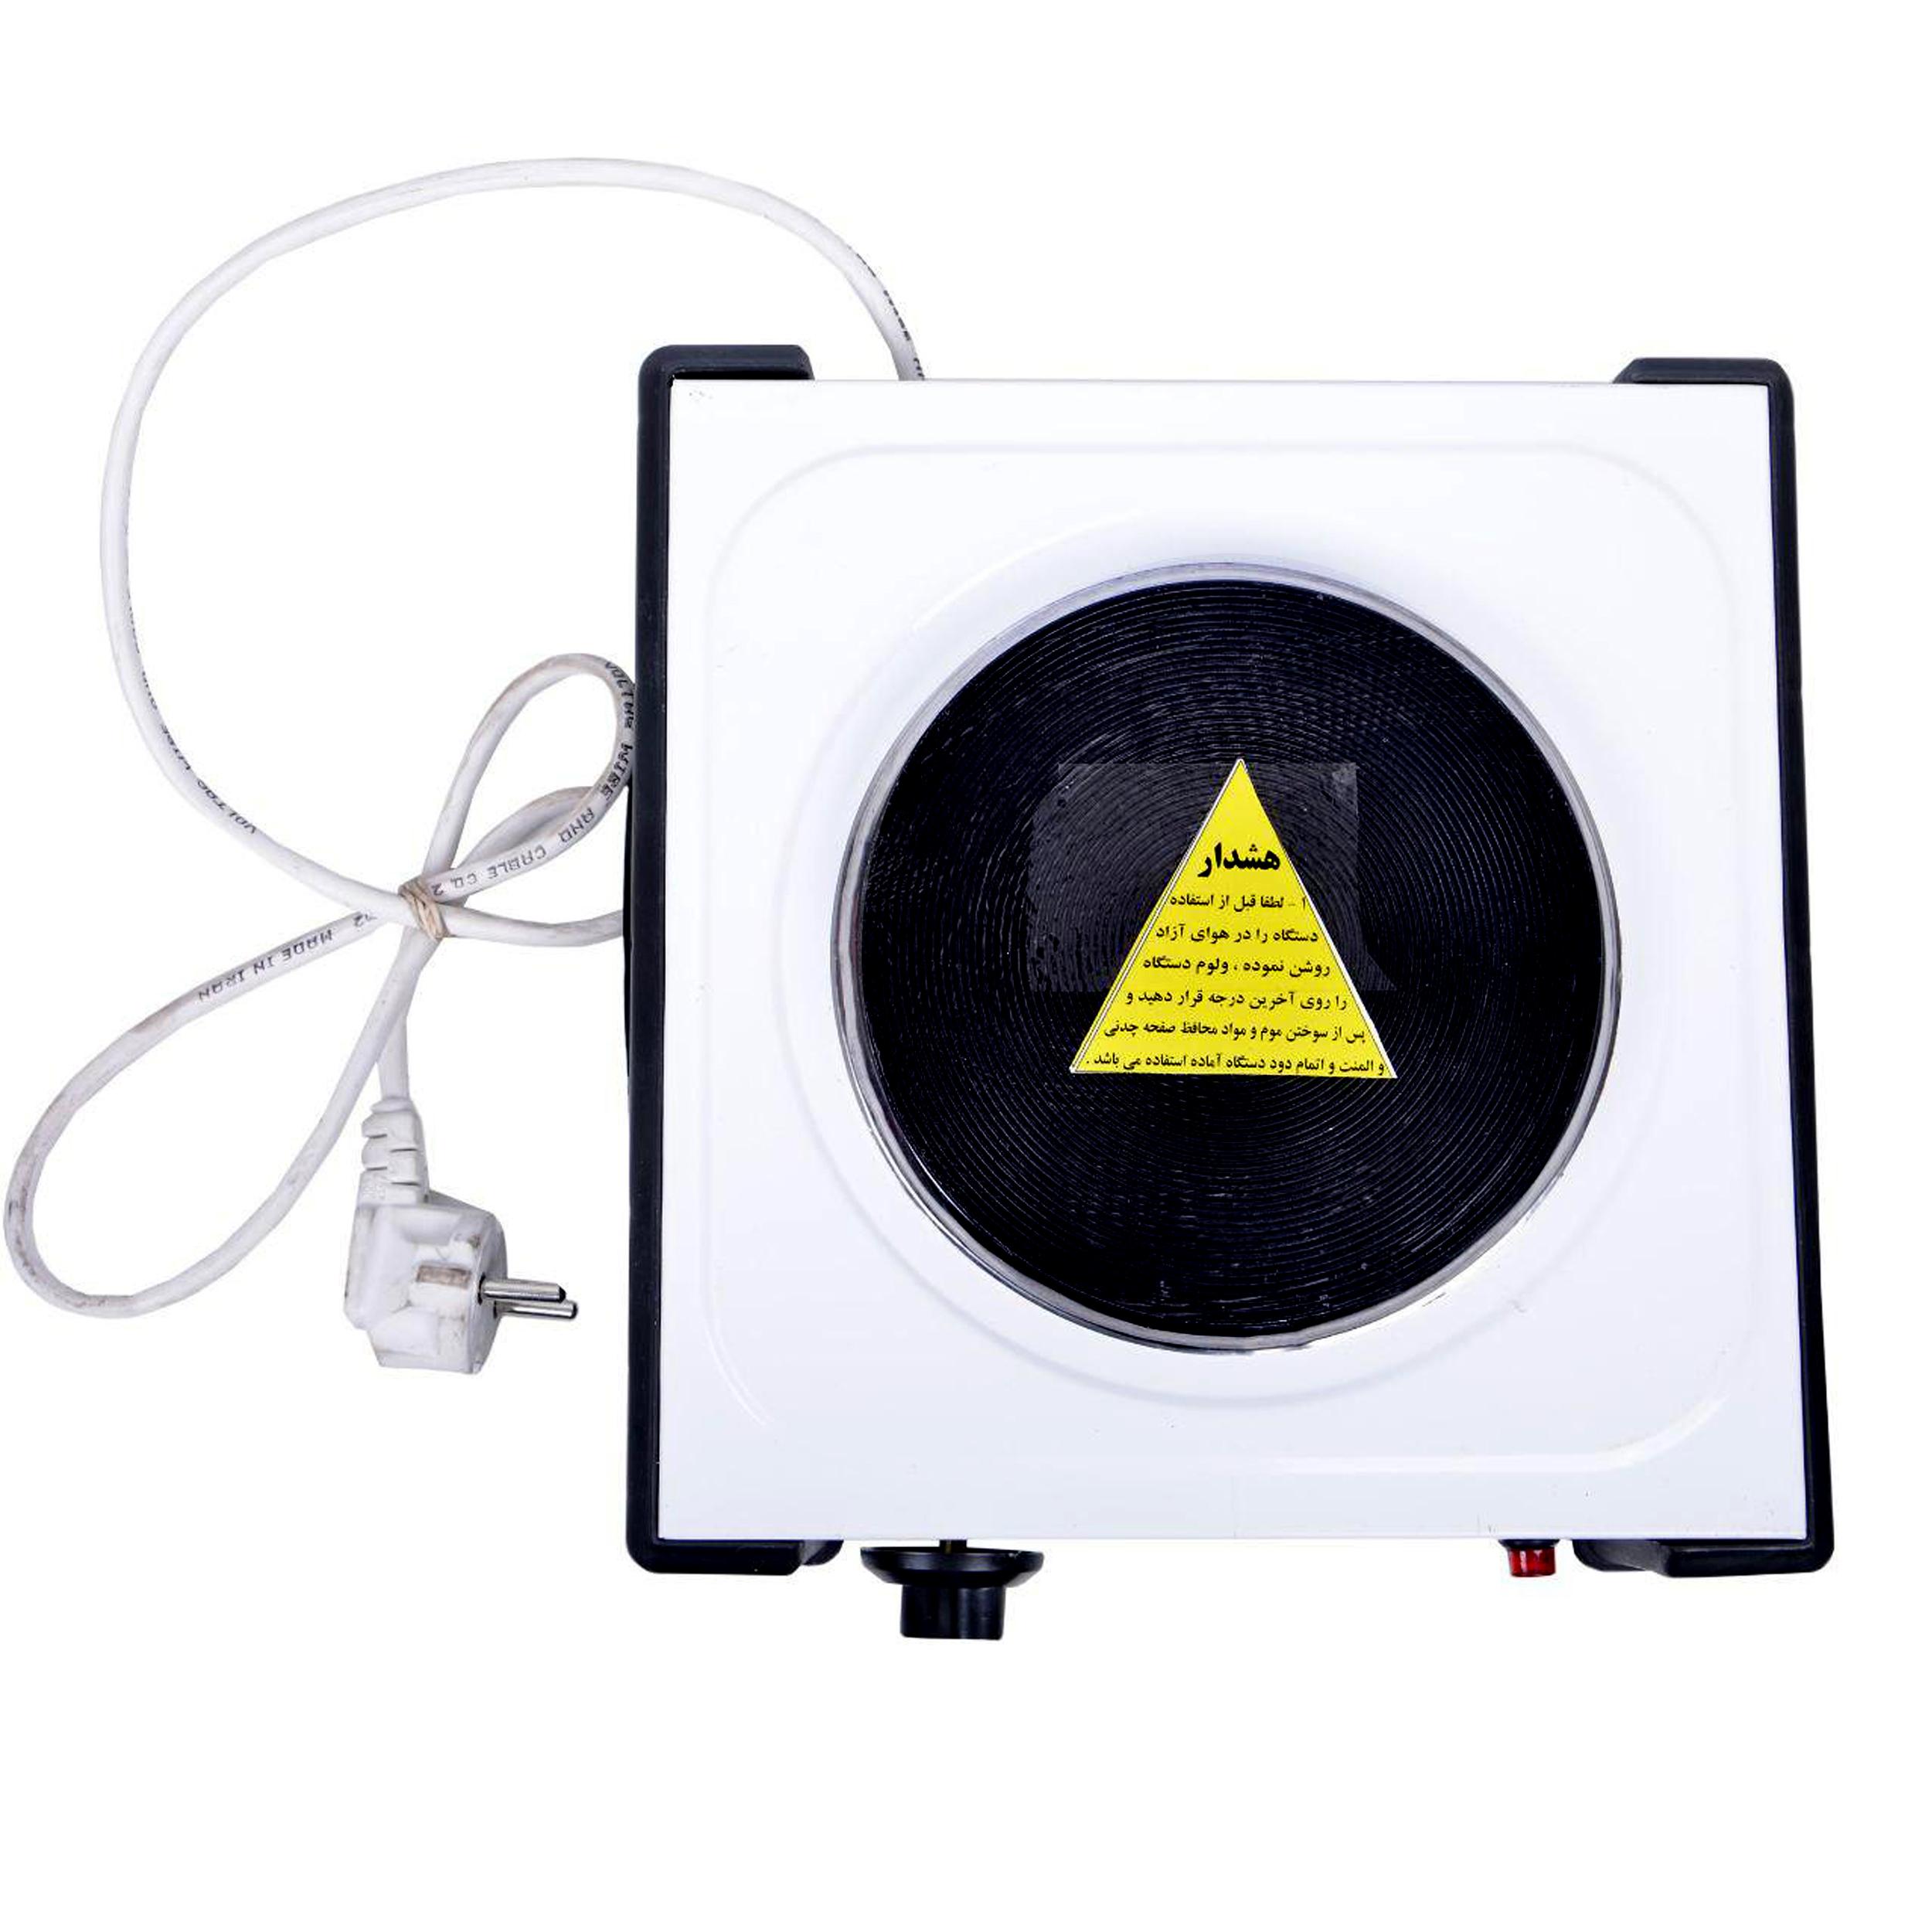 اجاق گاز برقی دی اس ام الکتریک مدل DSM001